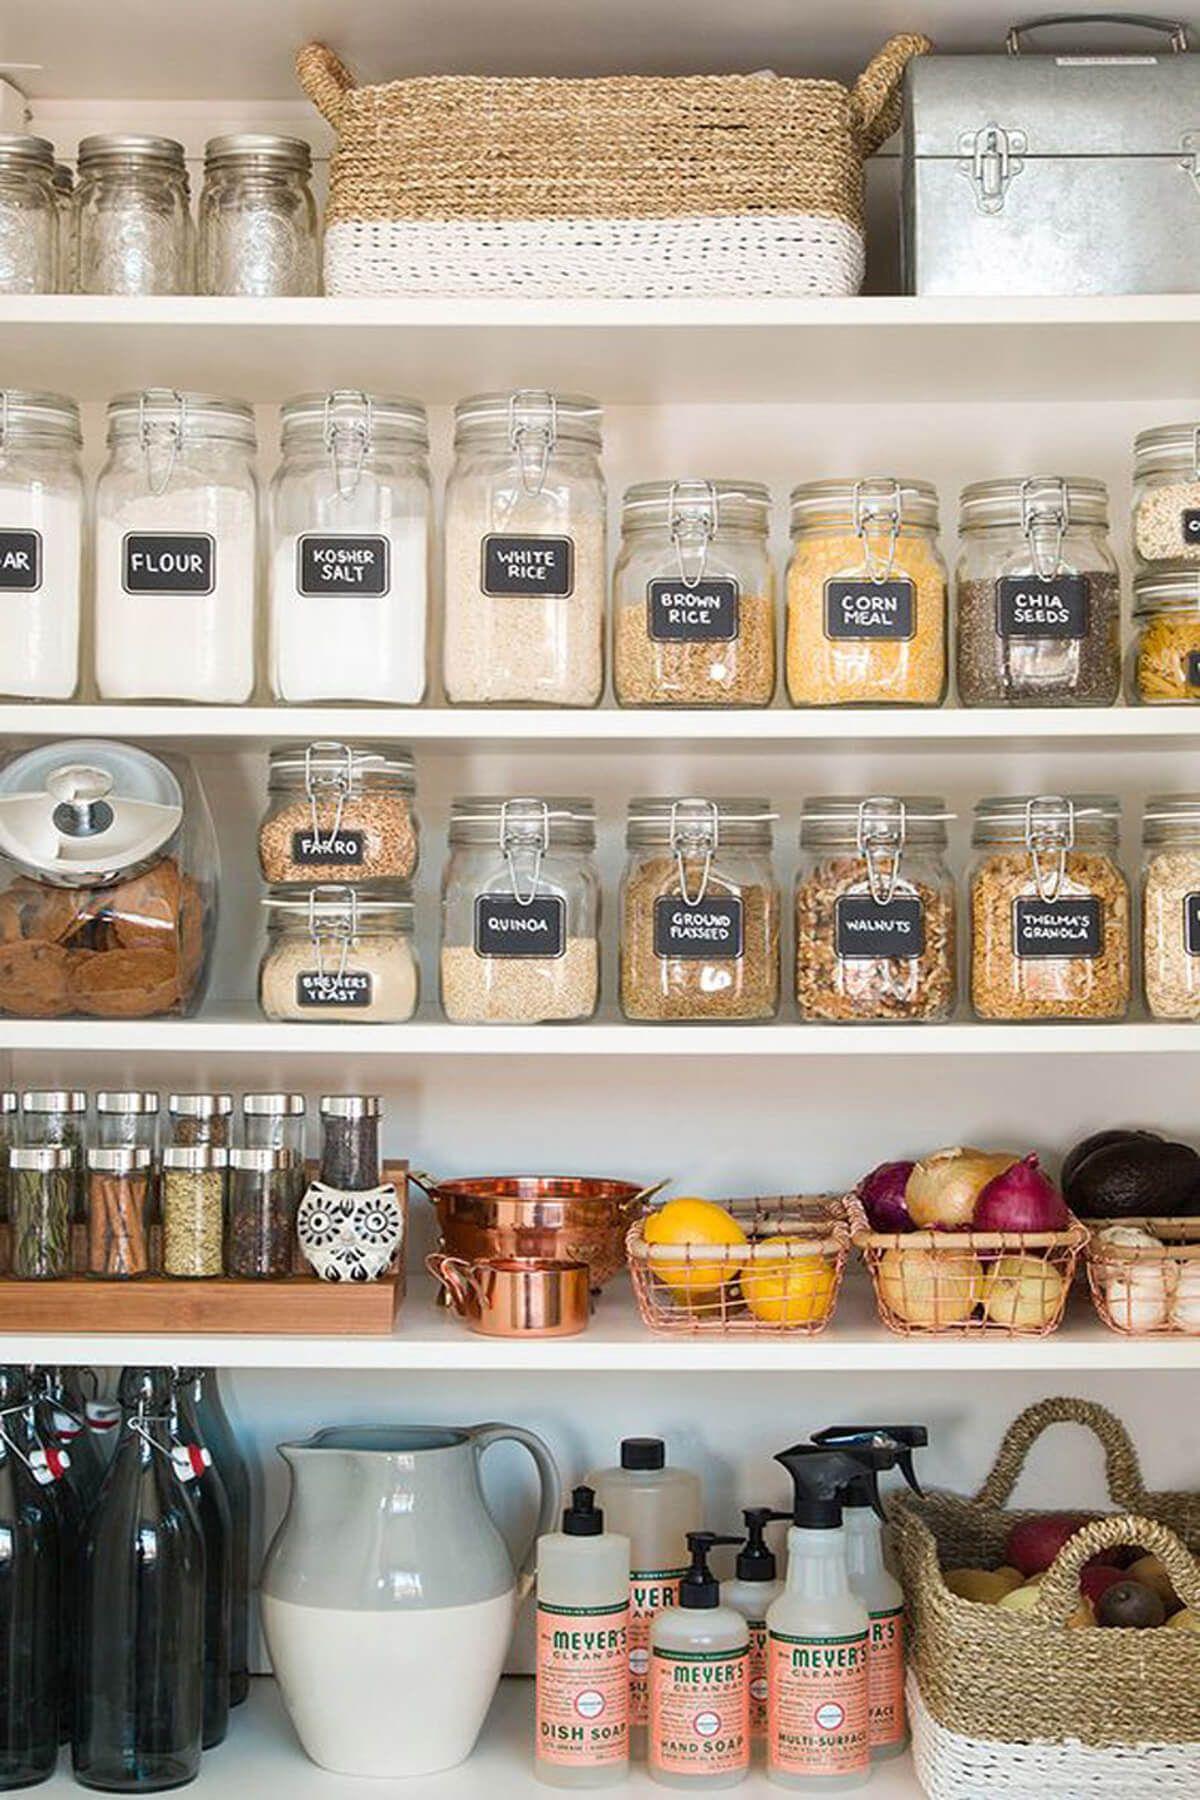 29 Praktische Pantry-Organisation Ideen, die viel Platz sparen #pantryorganizationideas